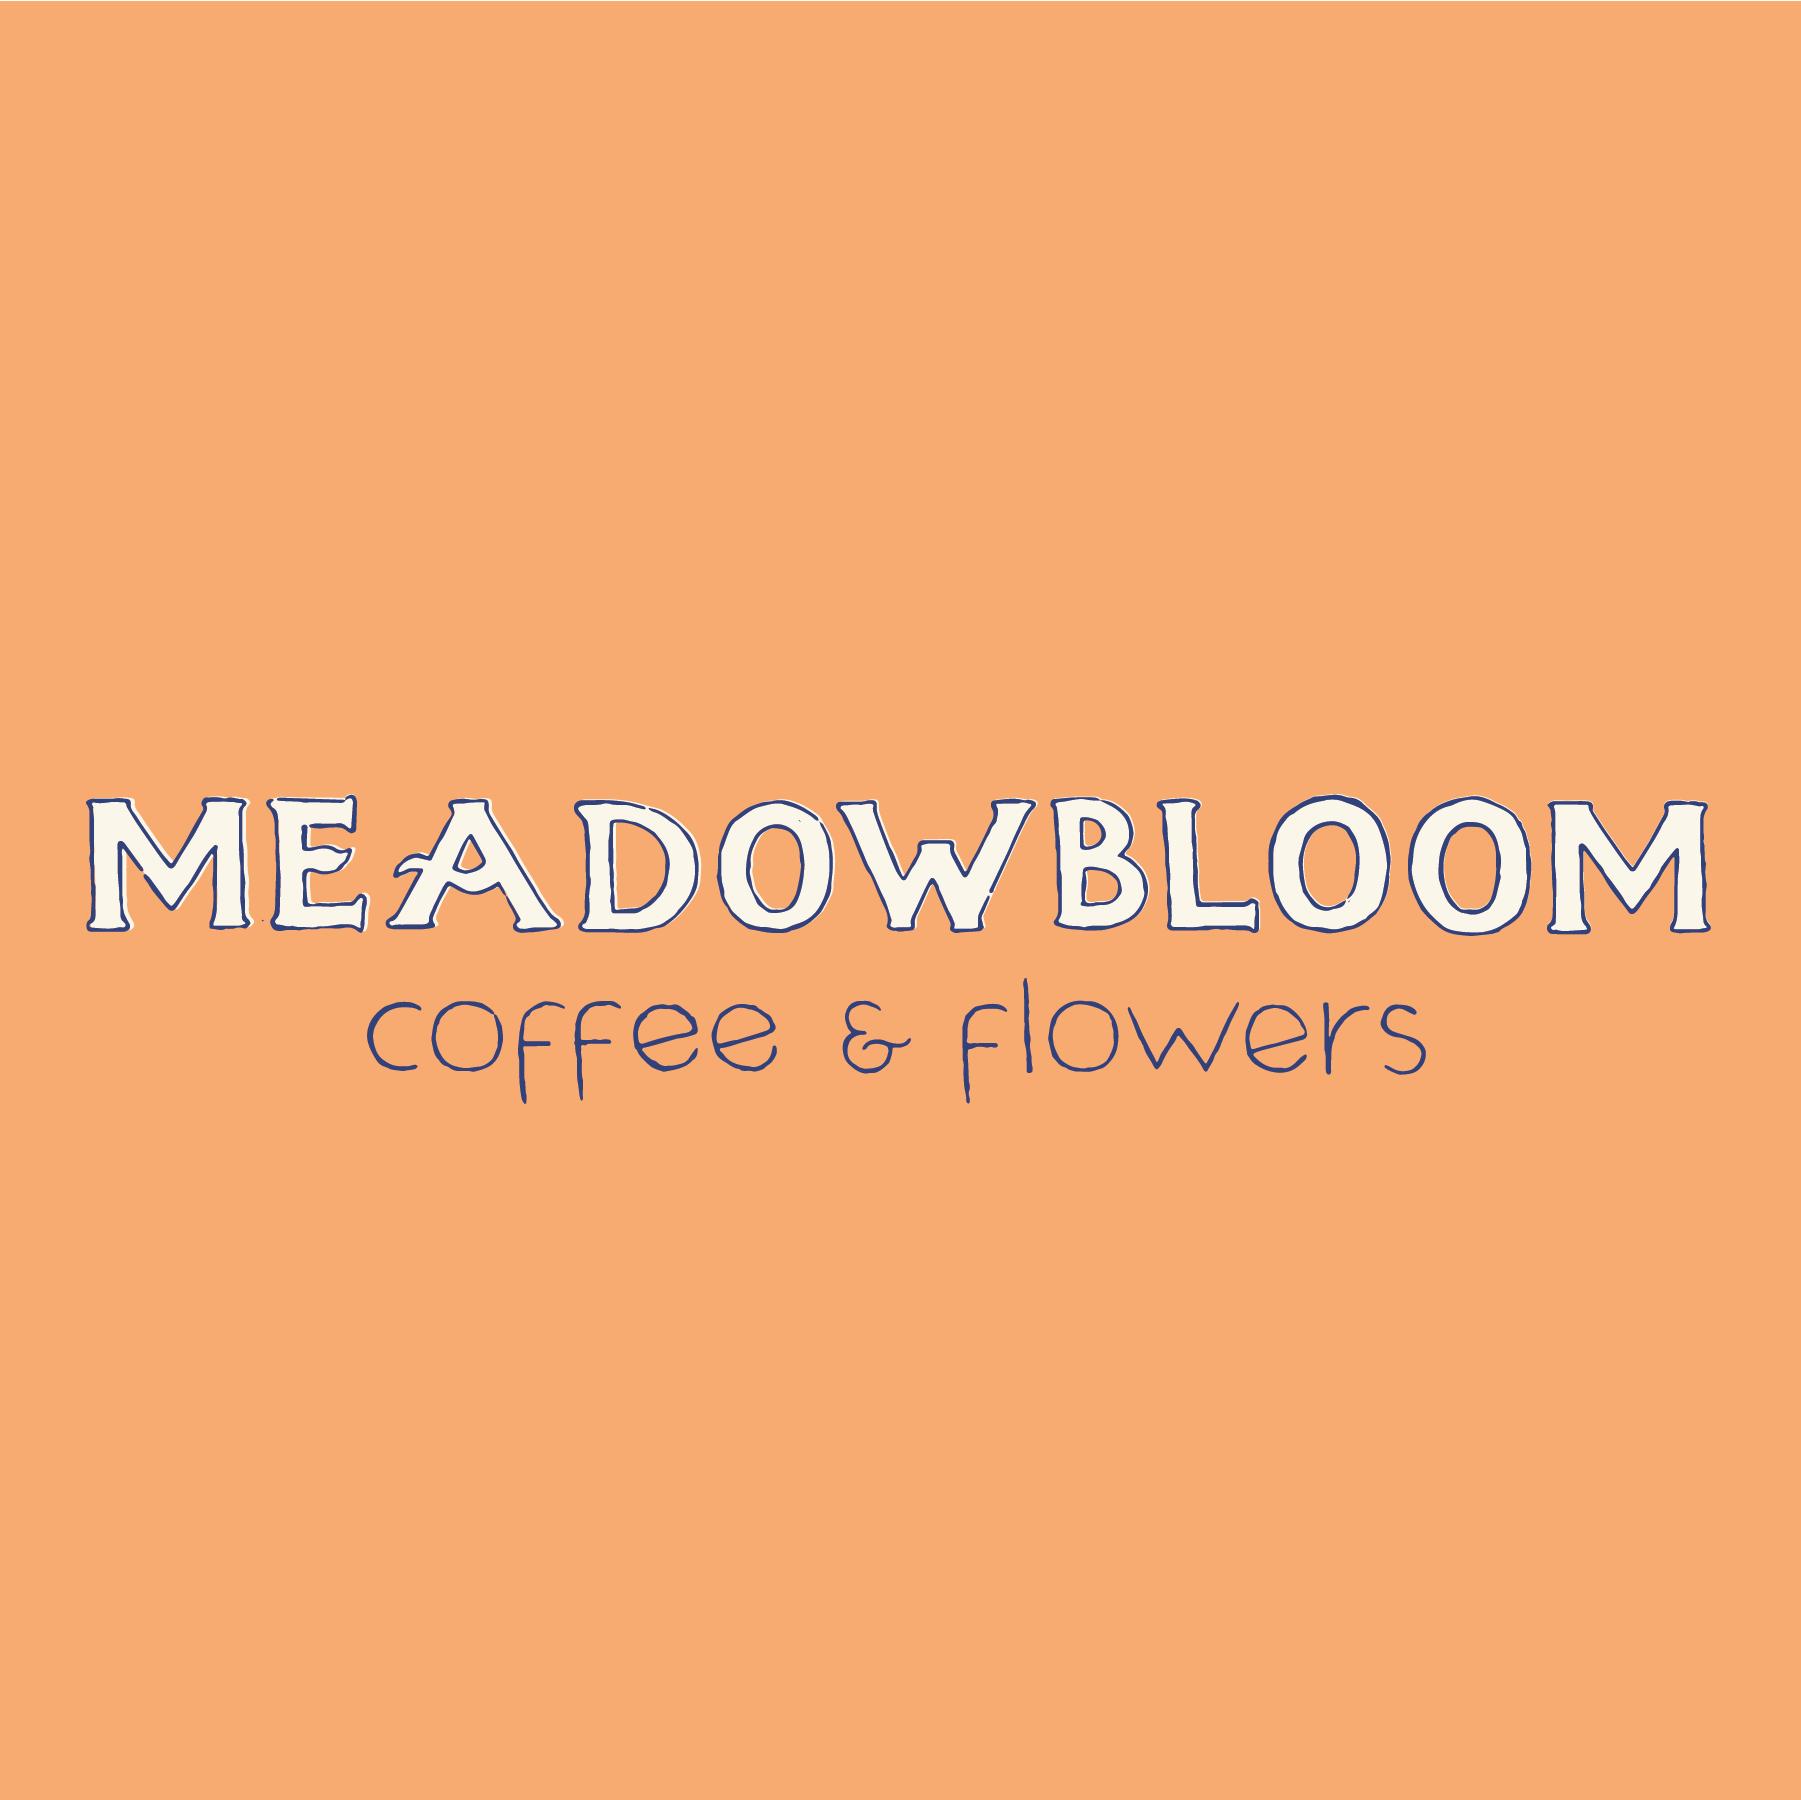 Meadowbloom - Print logos-02.png